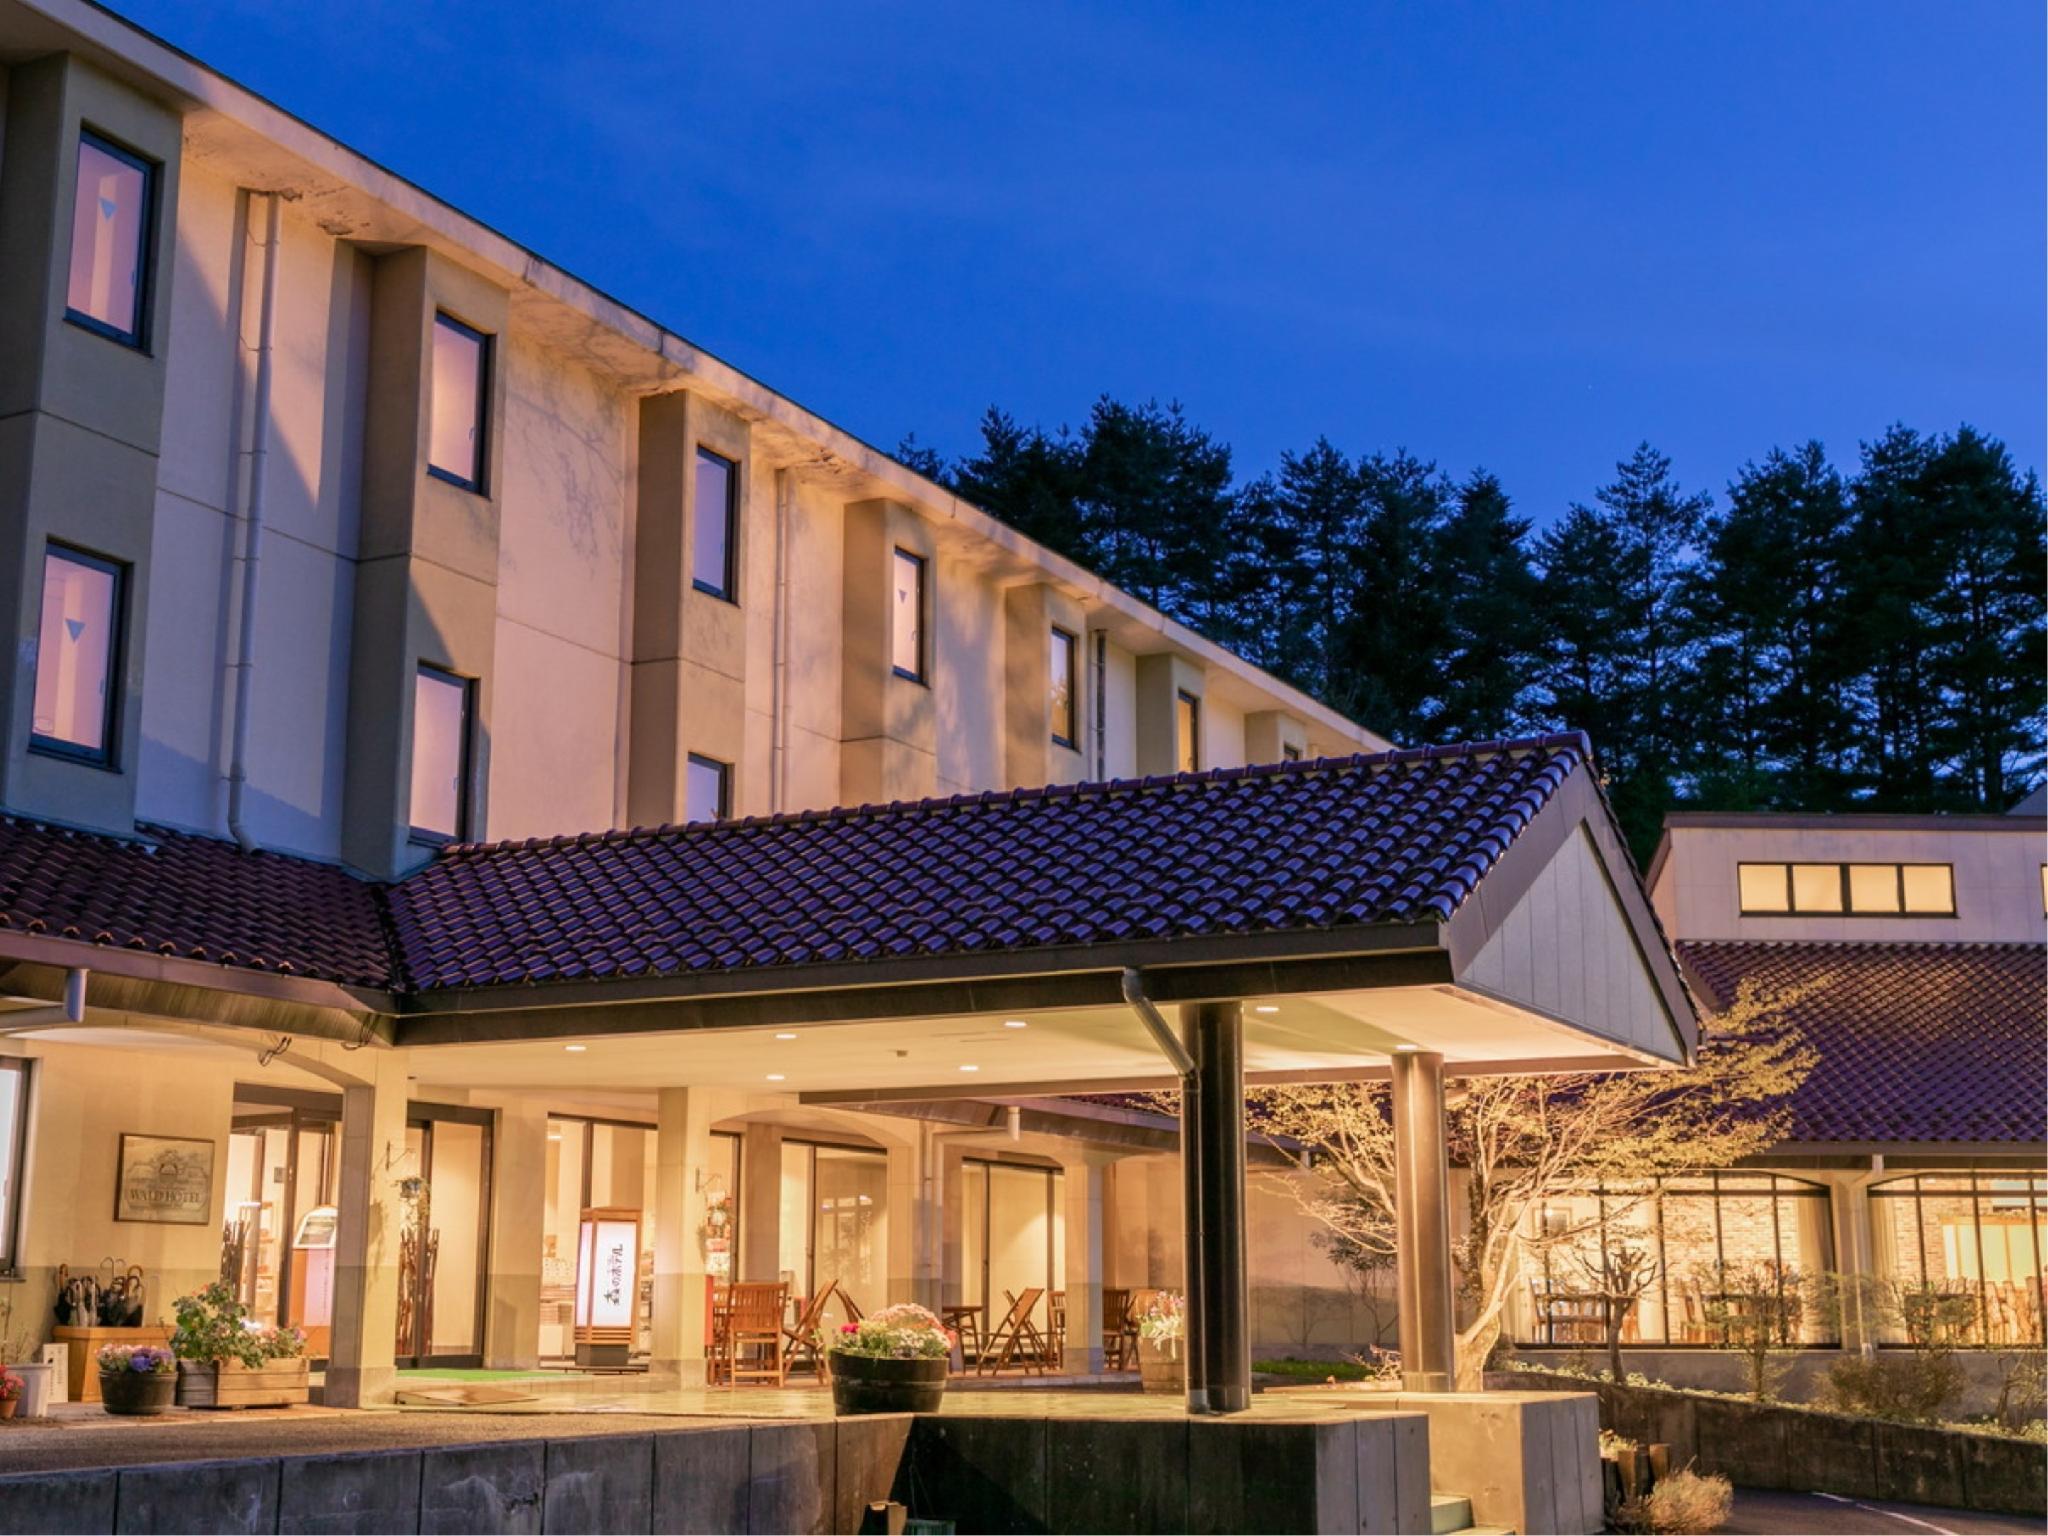 Kisokoma Kogen Mori No Hotel  Formerly  Yoshinaka Mori No Hotel